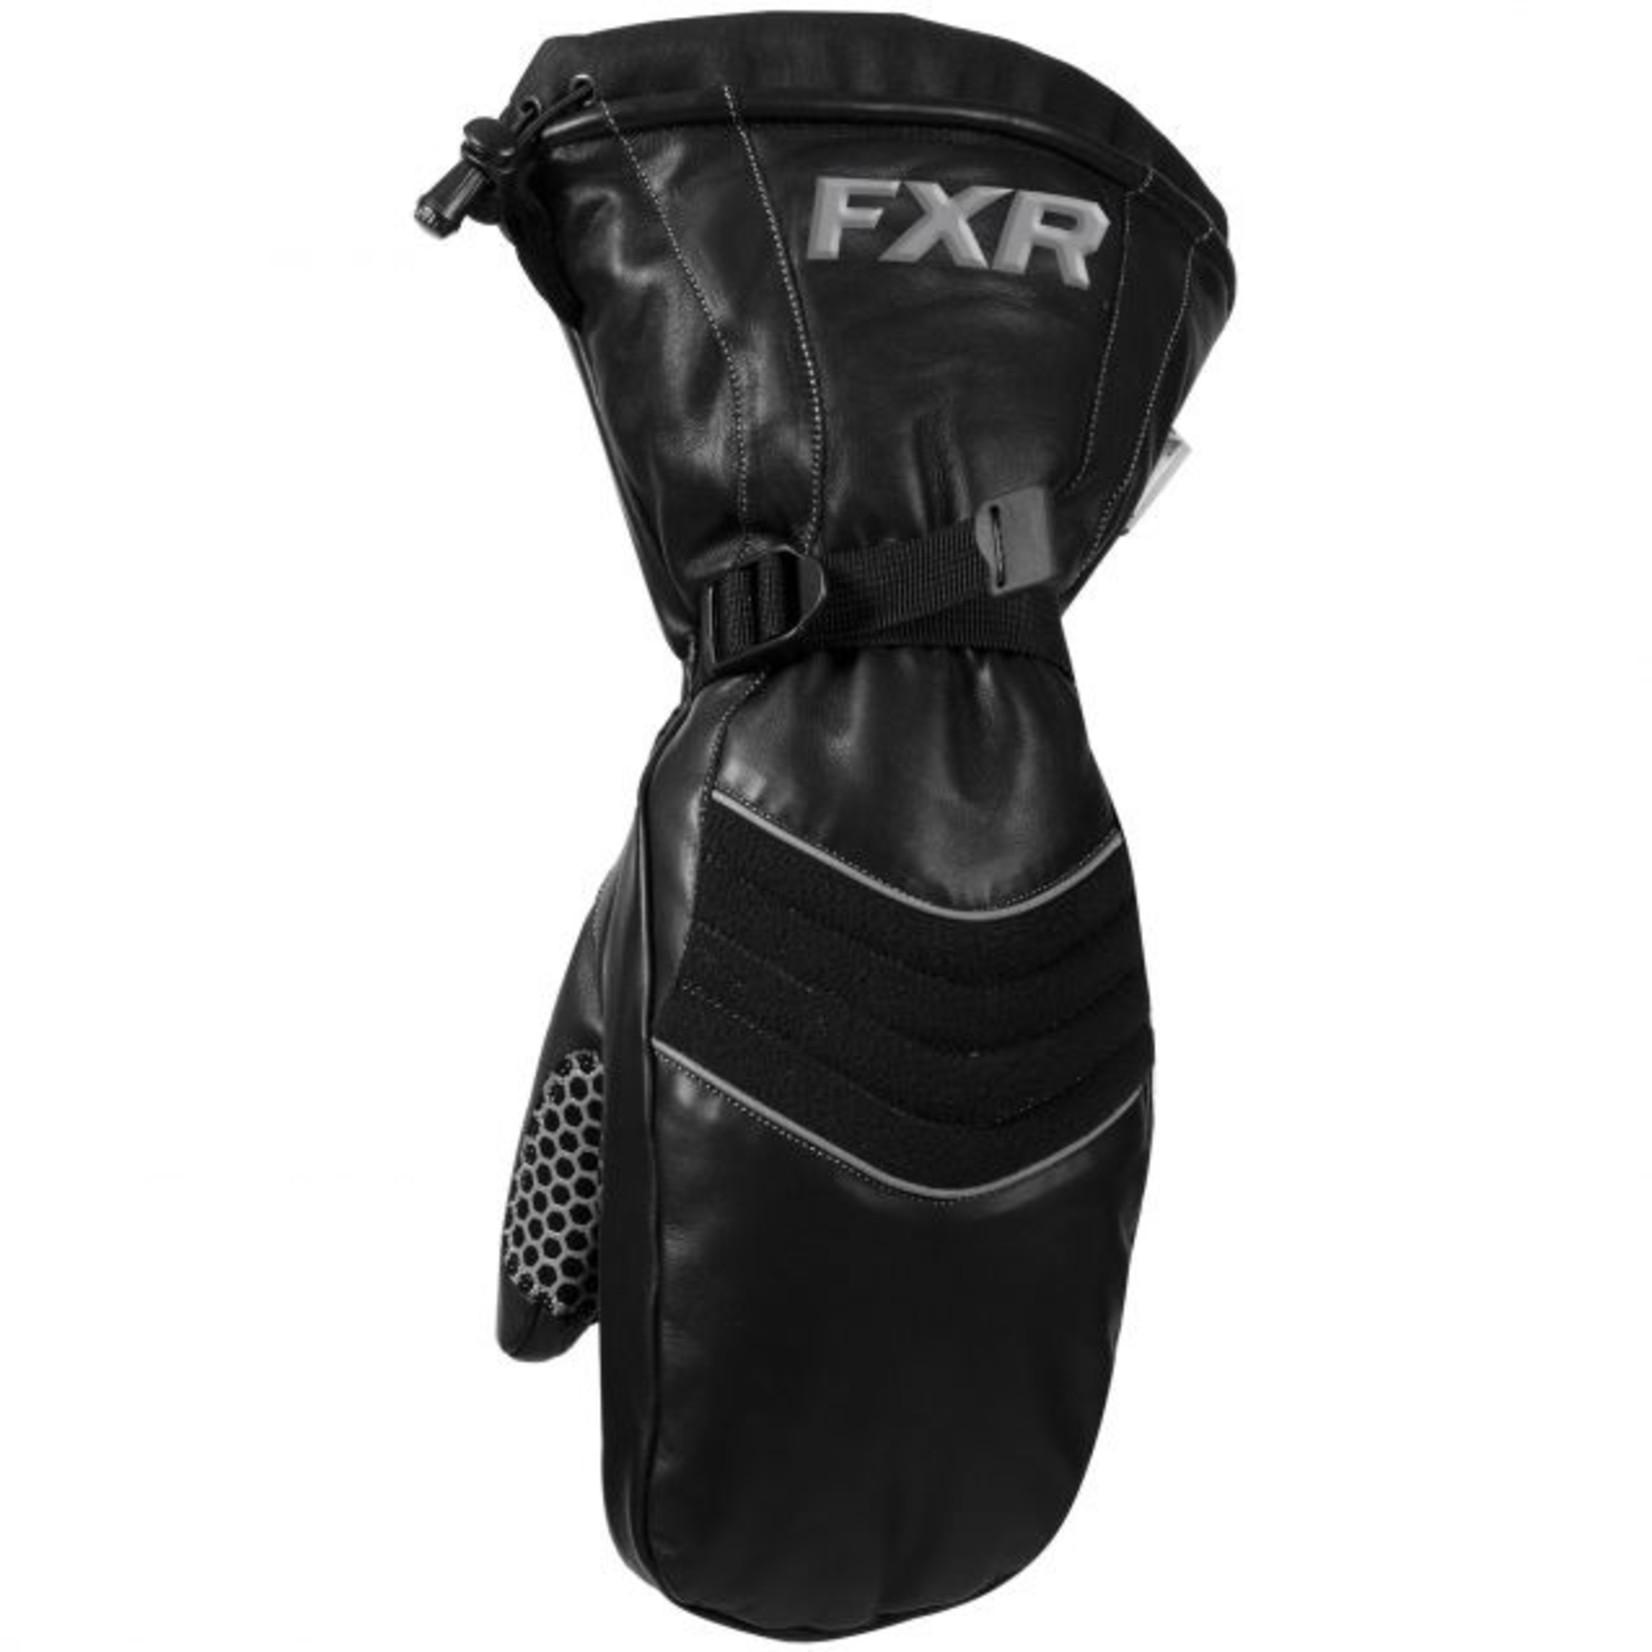 FXR FXR Men's Leather Mitt